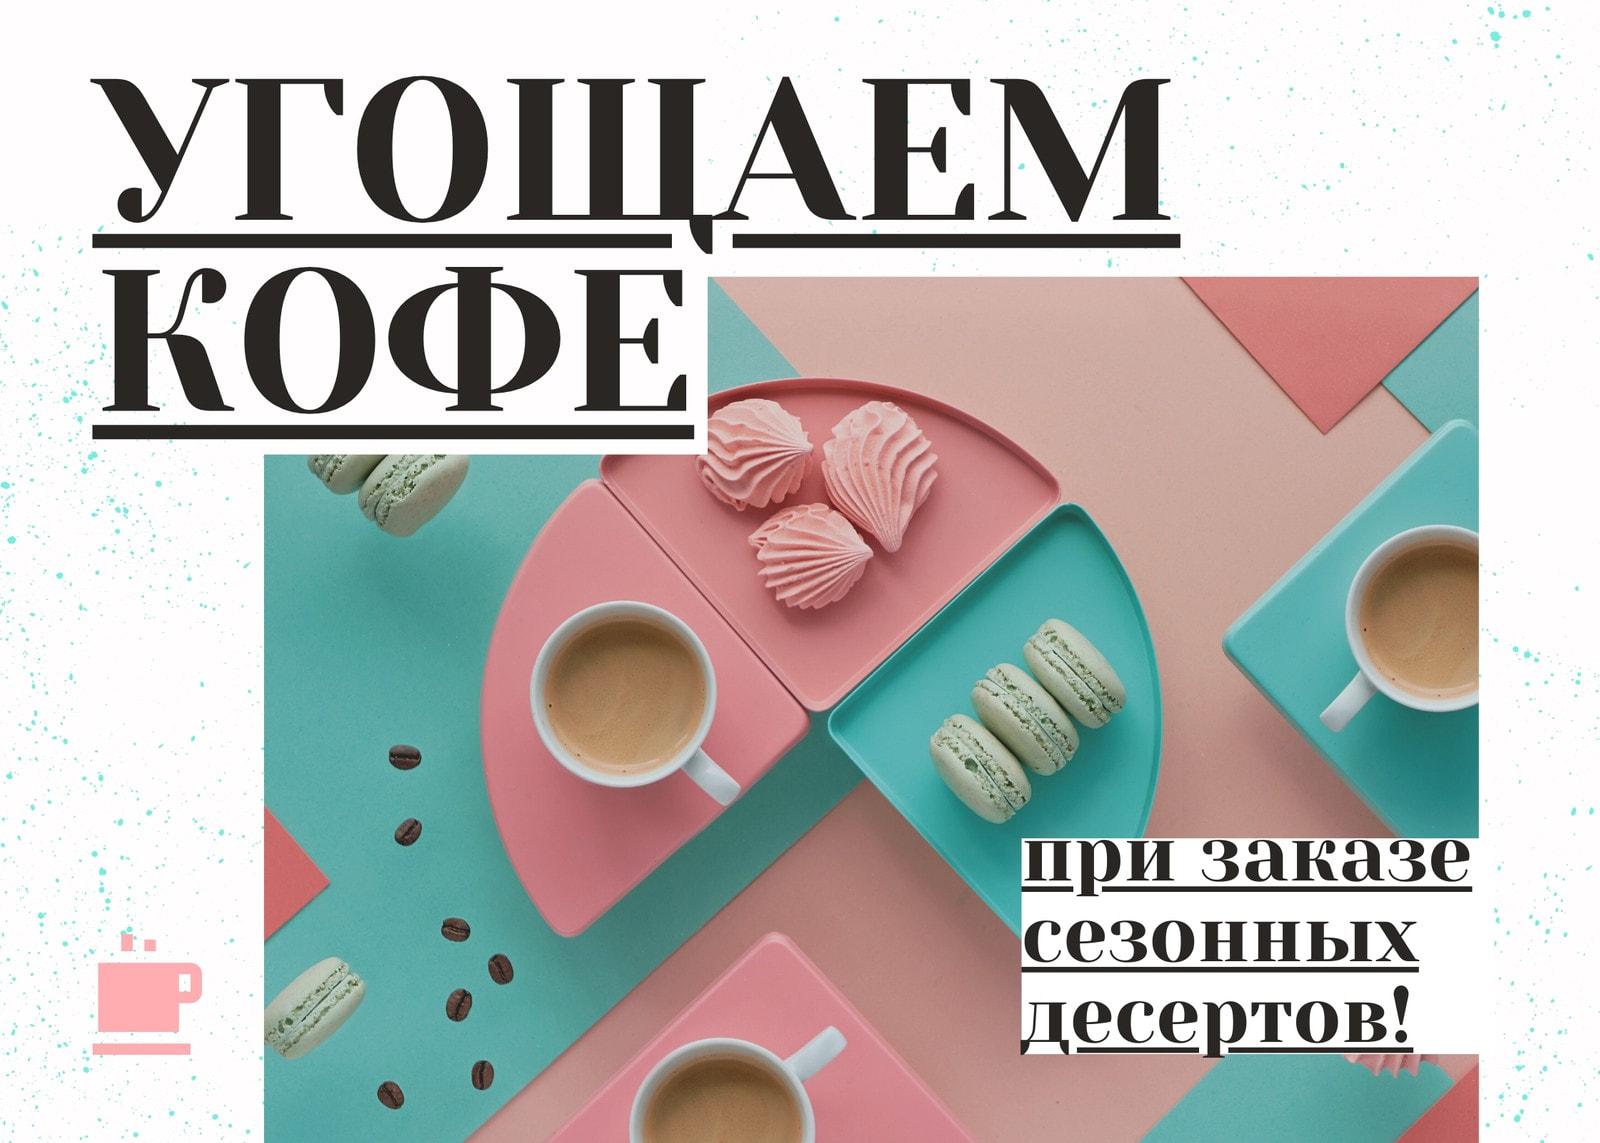 Белая публикация в ВК с розово-бирюзовой фотографией кофе и десертов